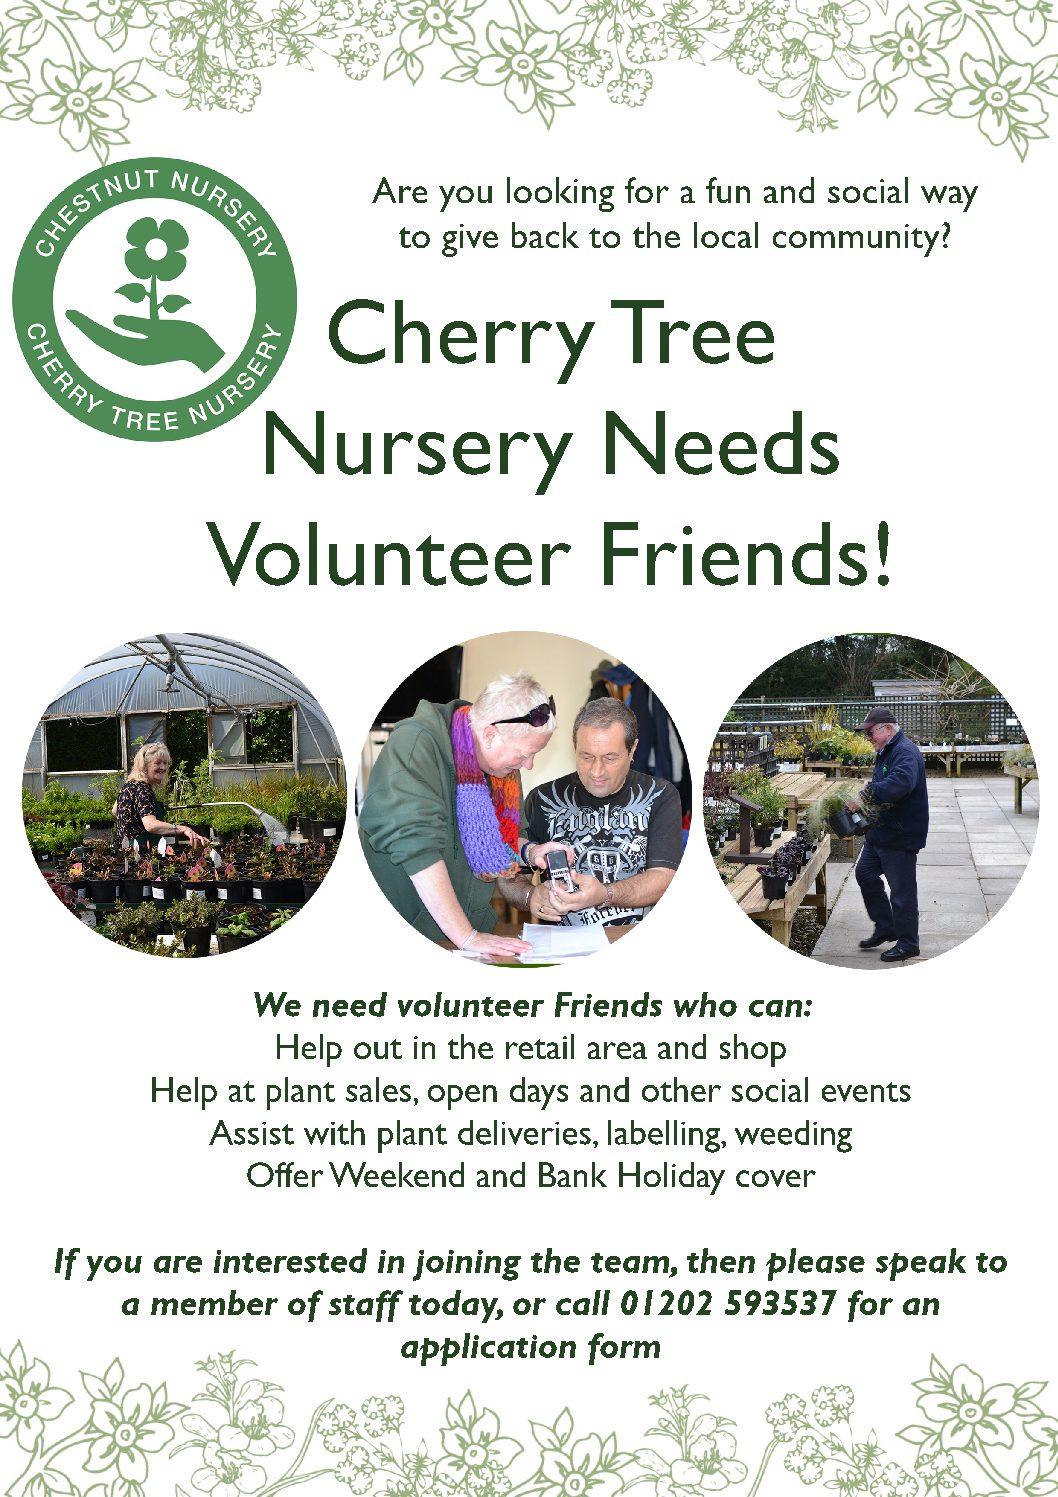 Weekend Retail Volunteer Friends needed!